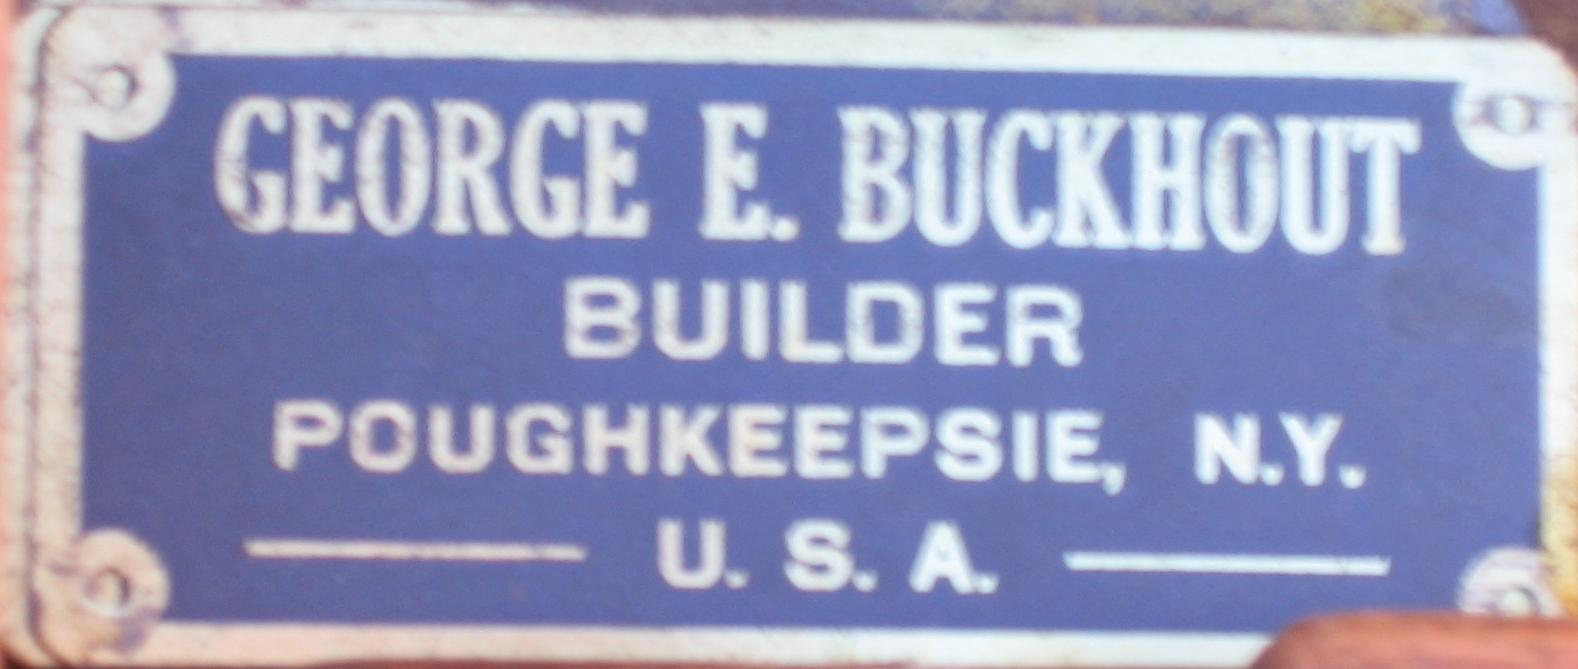 George Buckhout's tools